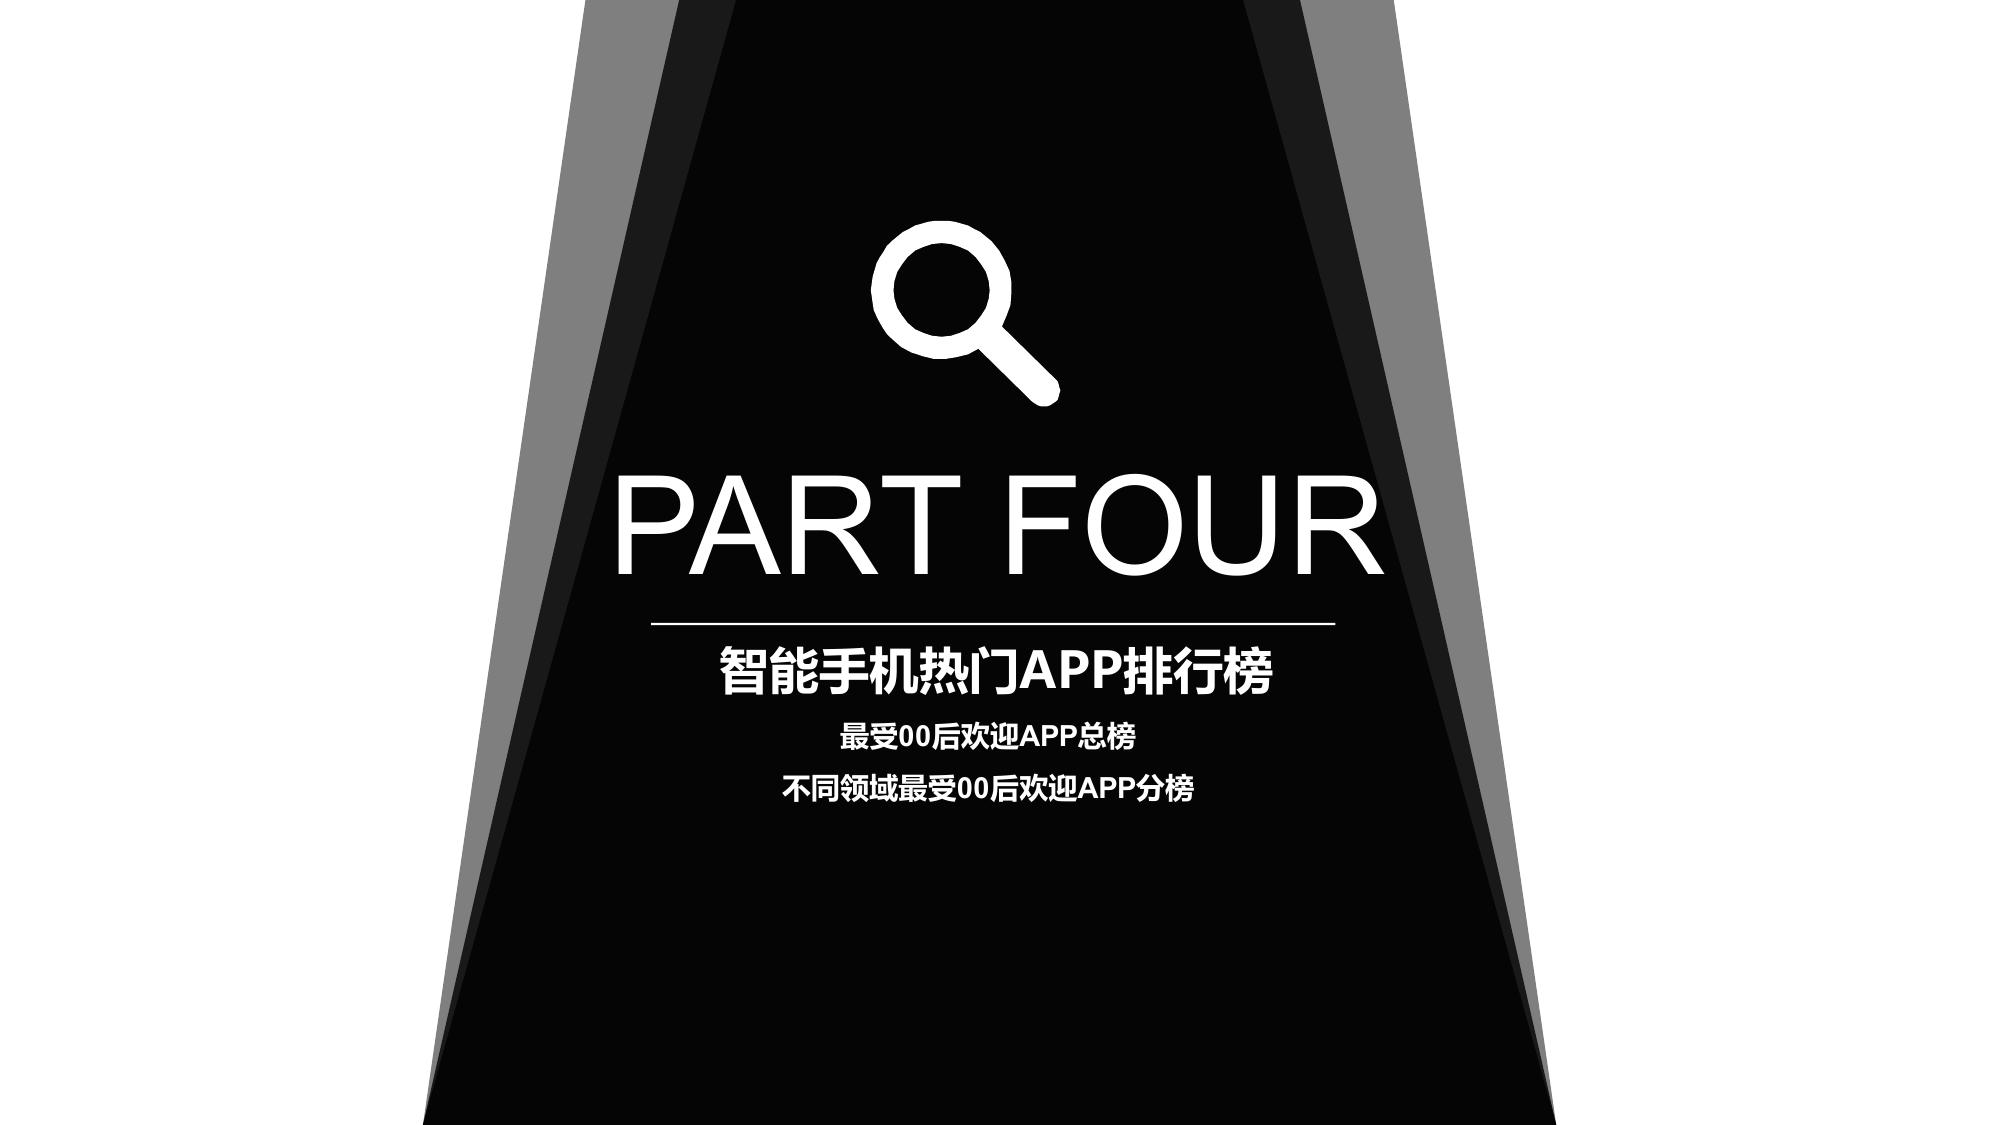 00后智能手机及APP使用习惯研究报告_000029